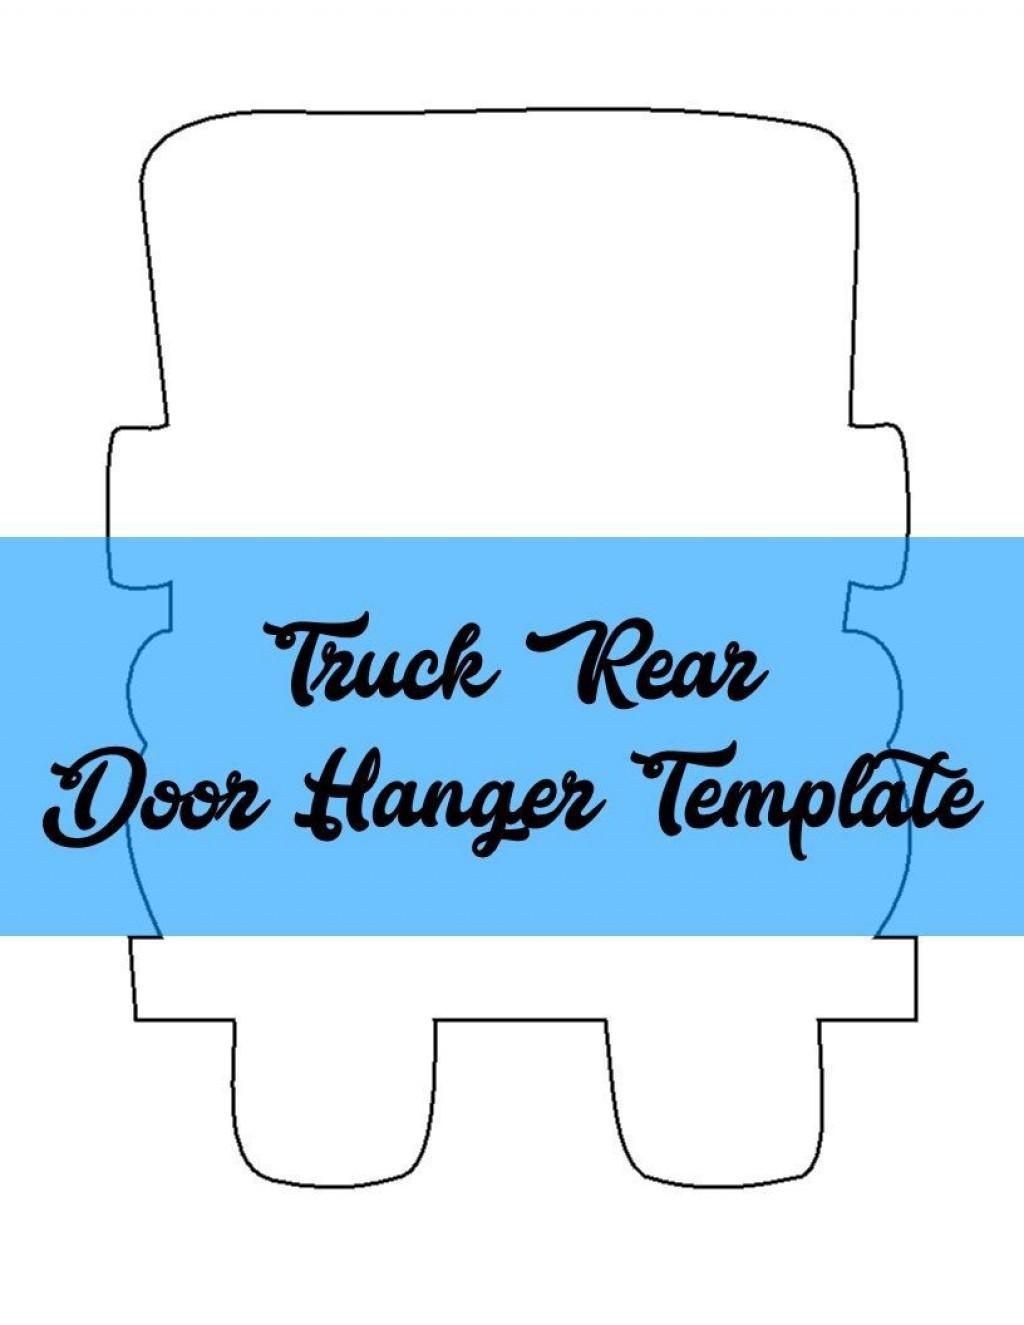 009 Formidable Free Download Door Hanger Template Concept Large